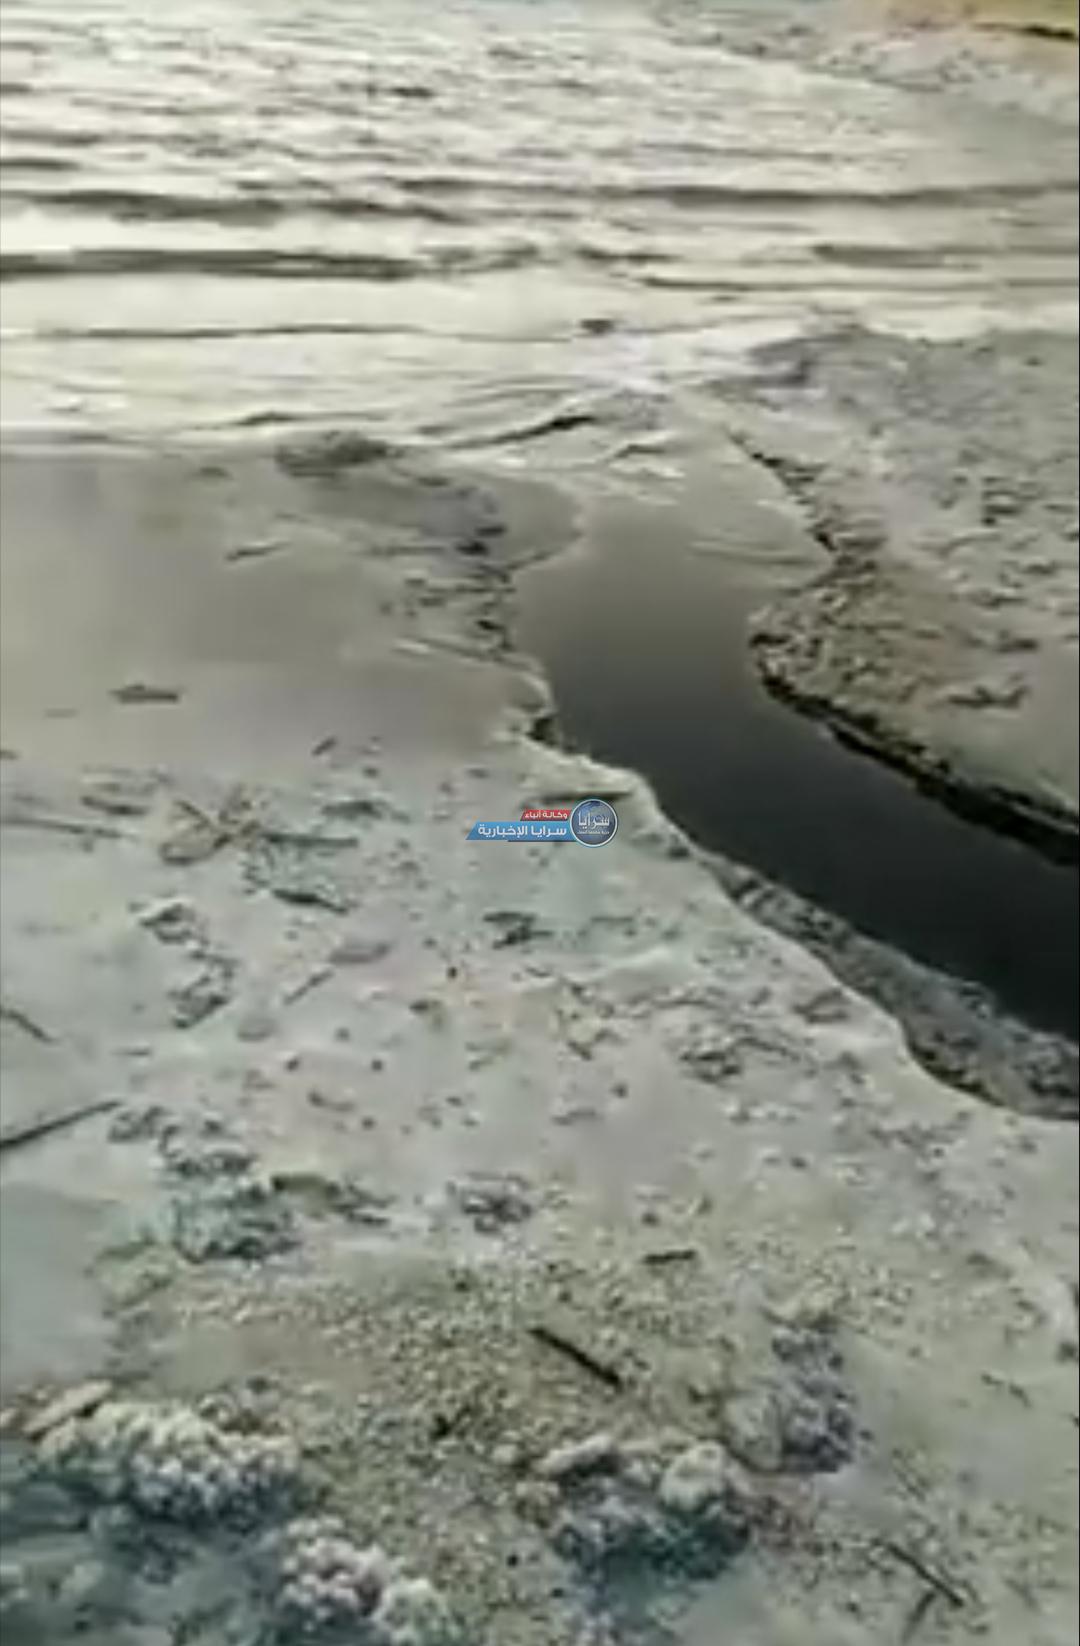 عاجل  .. سرايا تحصل على فيديوهات حول تسرب نفط او مادة سوداء مجهولة للبحر الميت